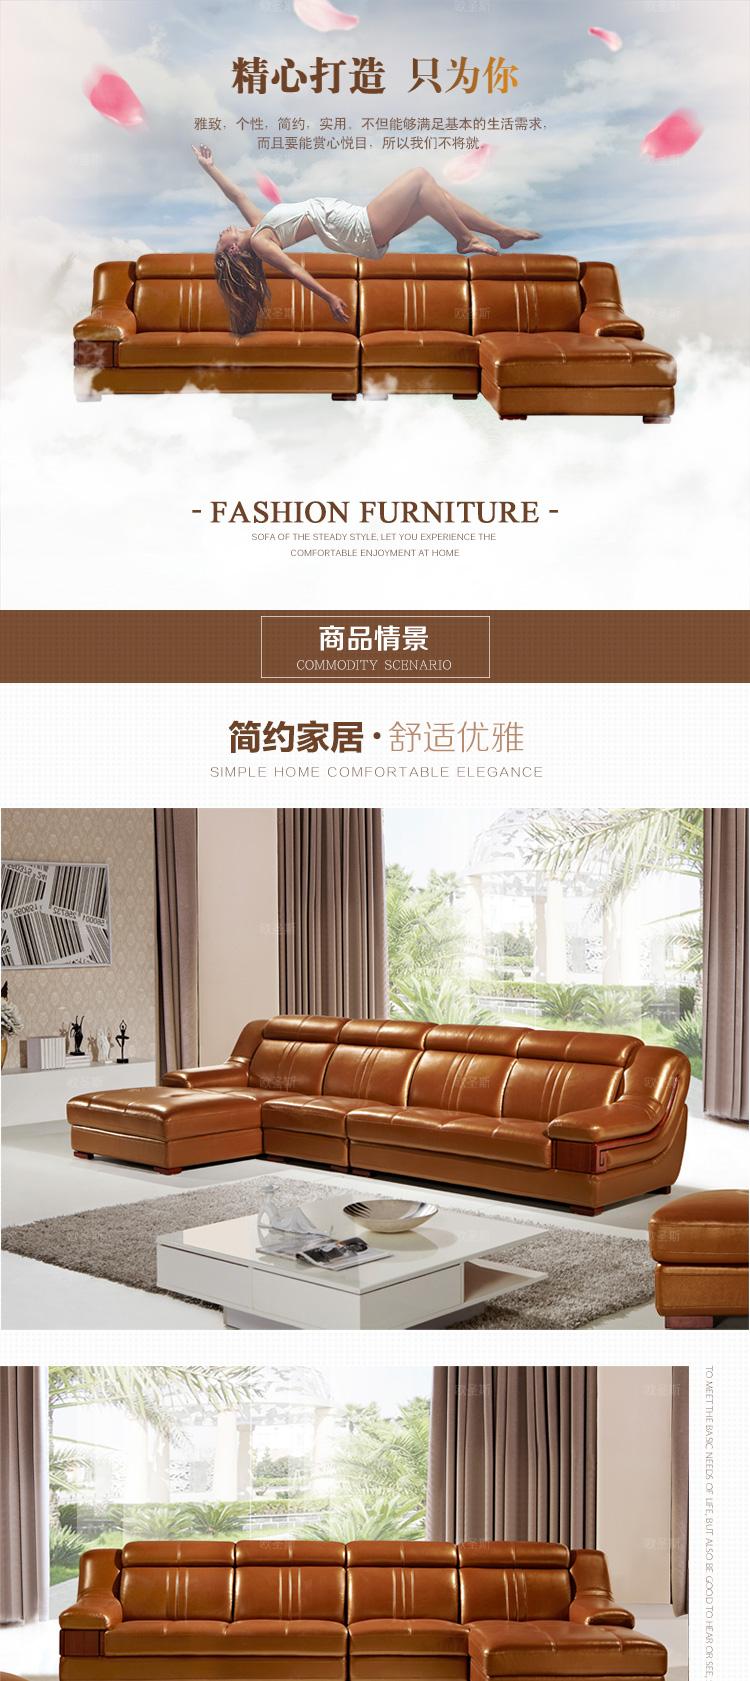 Kayu Dekorasi L Bentuk Sofa Furniture Desain Modern Lobby Sofa Cina